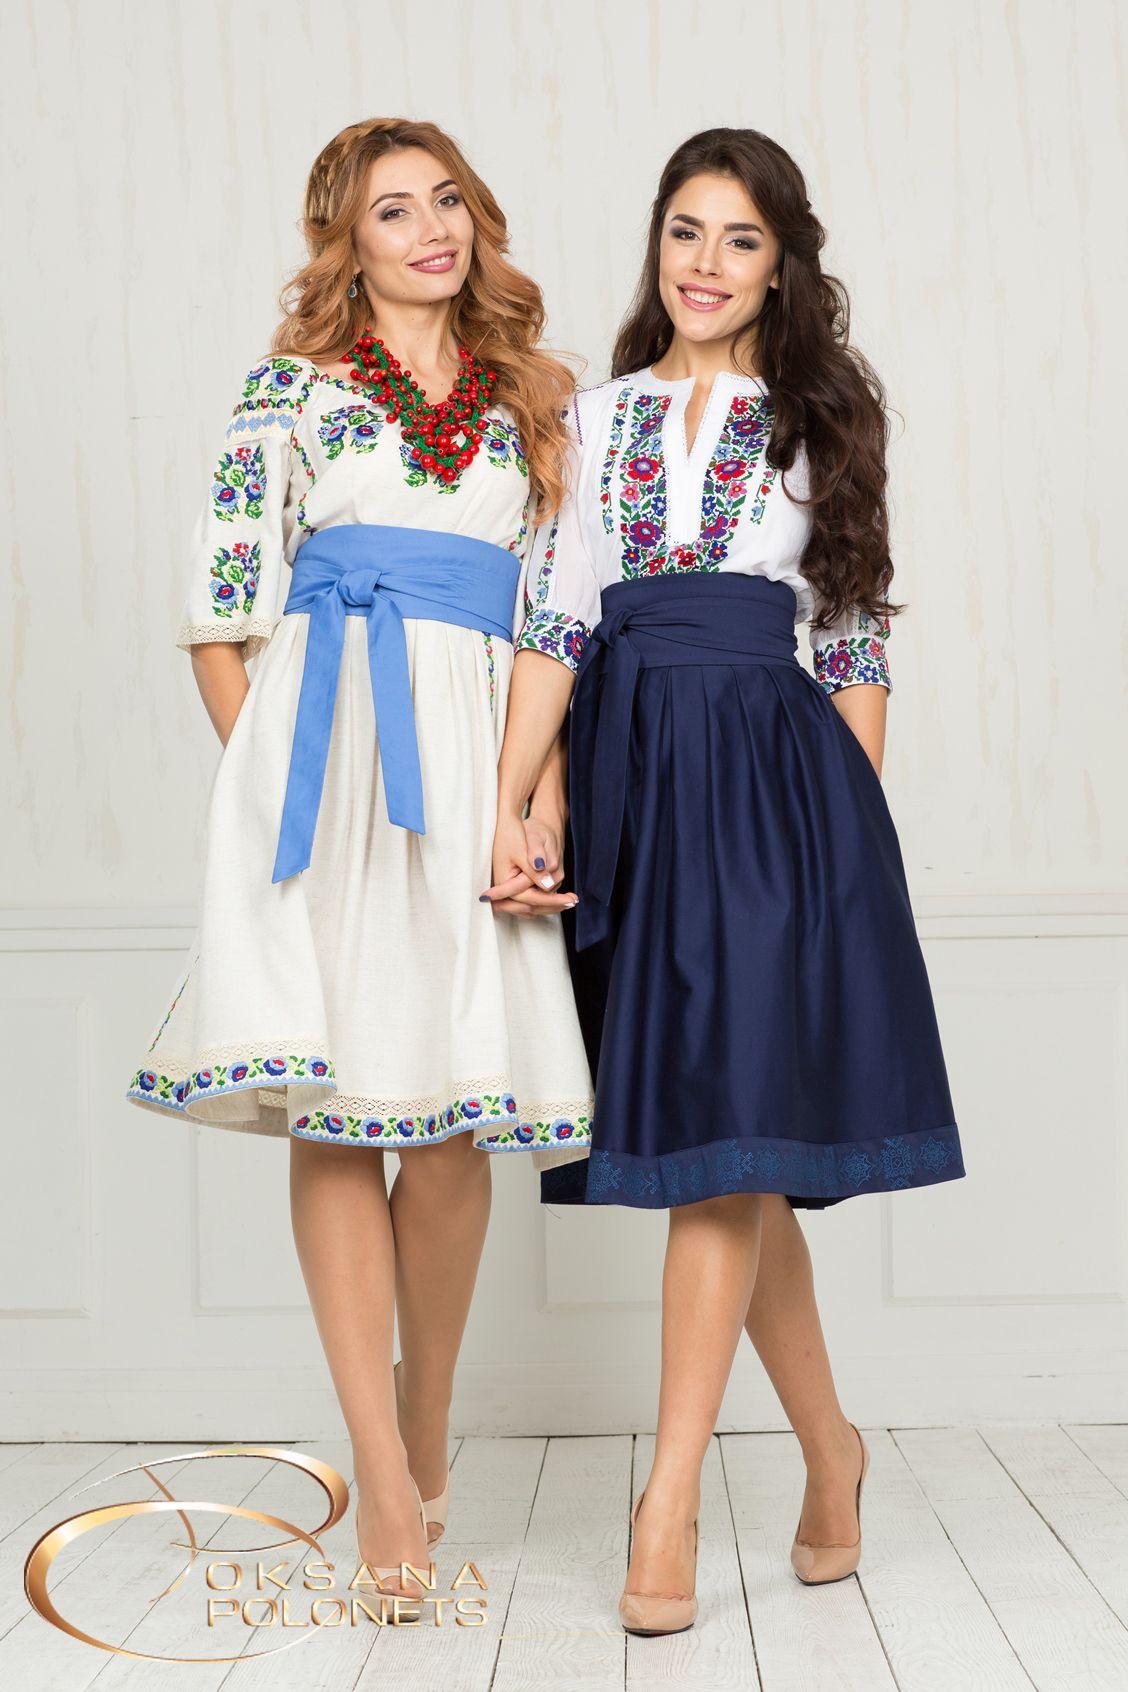 Чарівний одяг в ураїнському стилі від Дизайн-студії Оксани Полонець ... afae0f595d68d